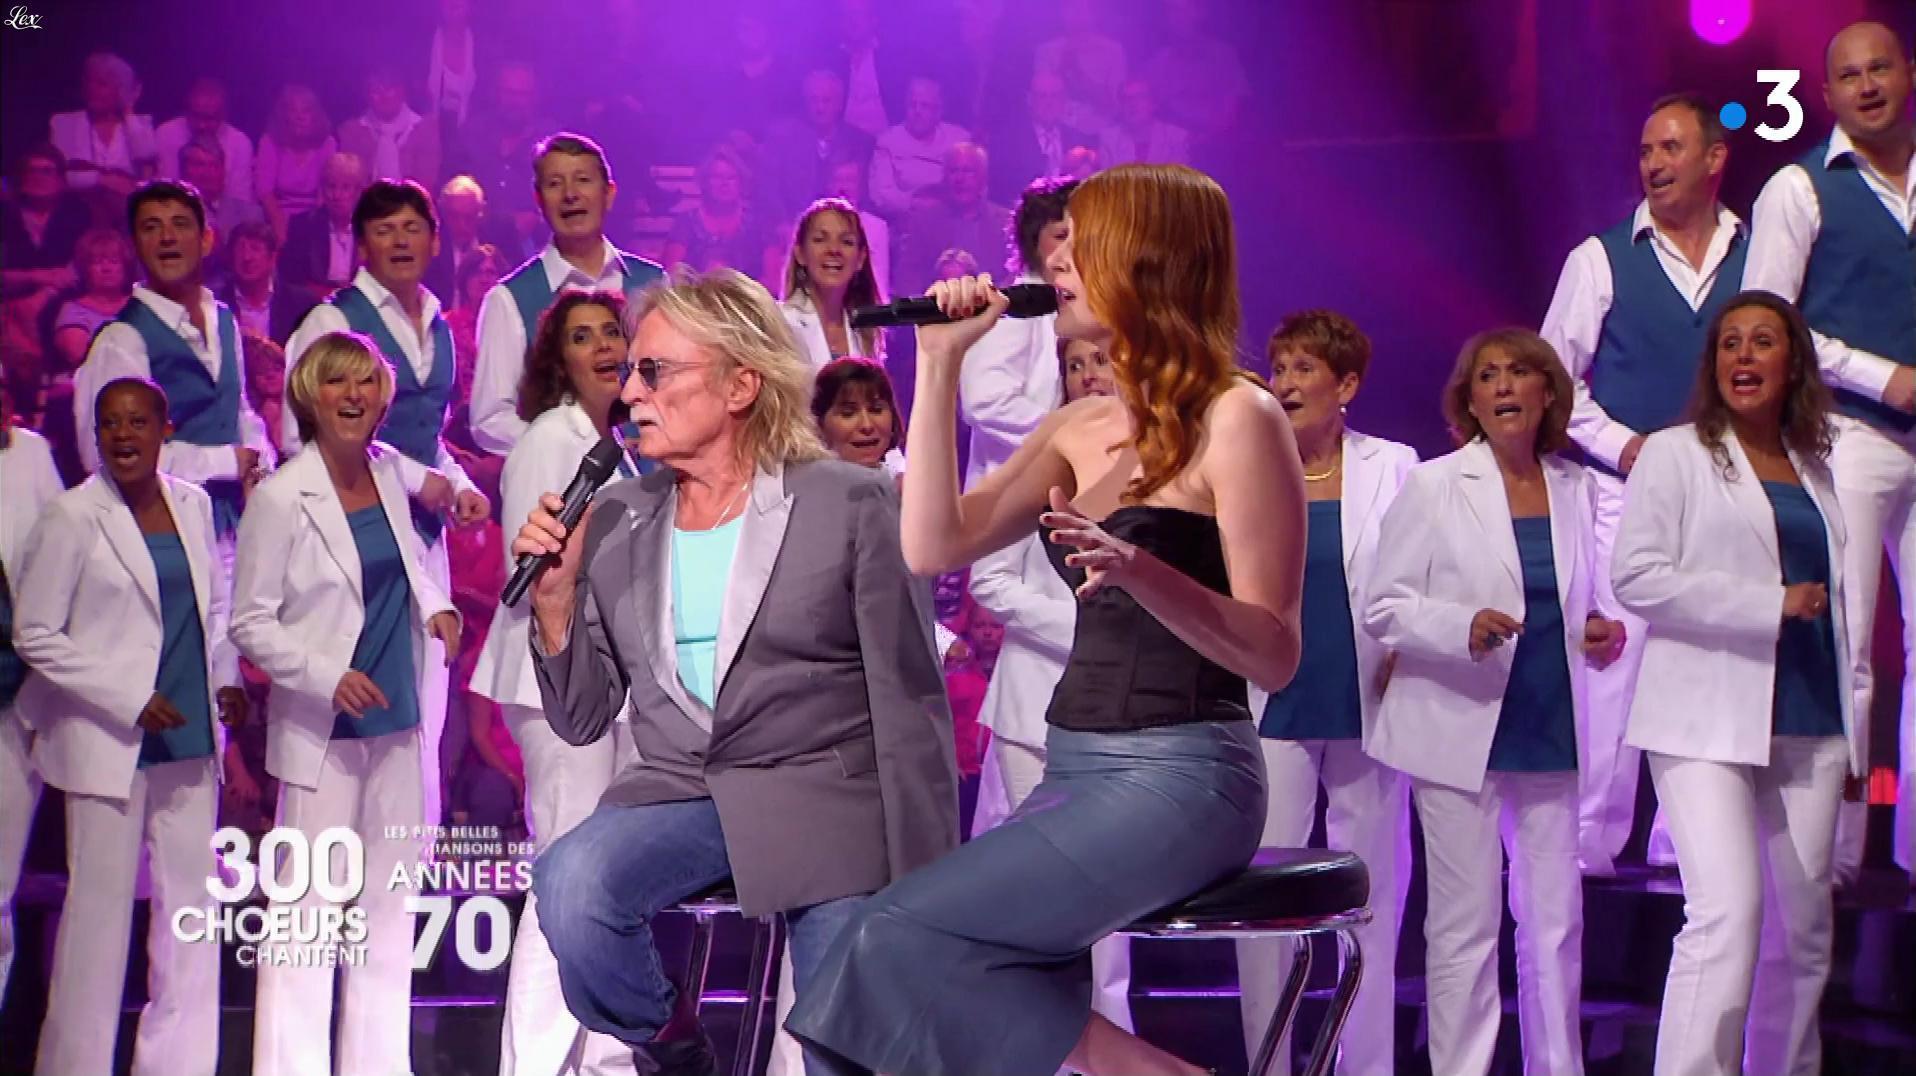 Elodie Frégé dans 300 Chœurs Chantent. Diffusé à la télévision le 20/04/18.